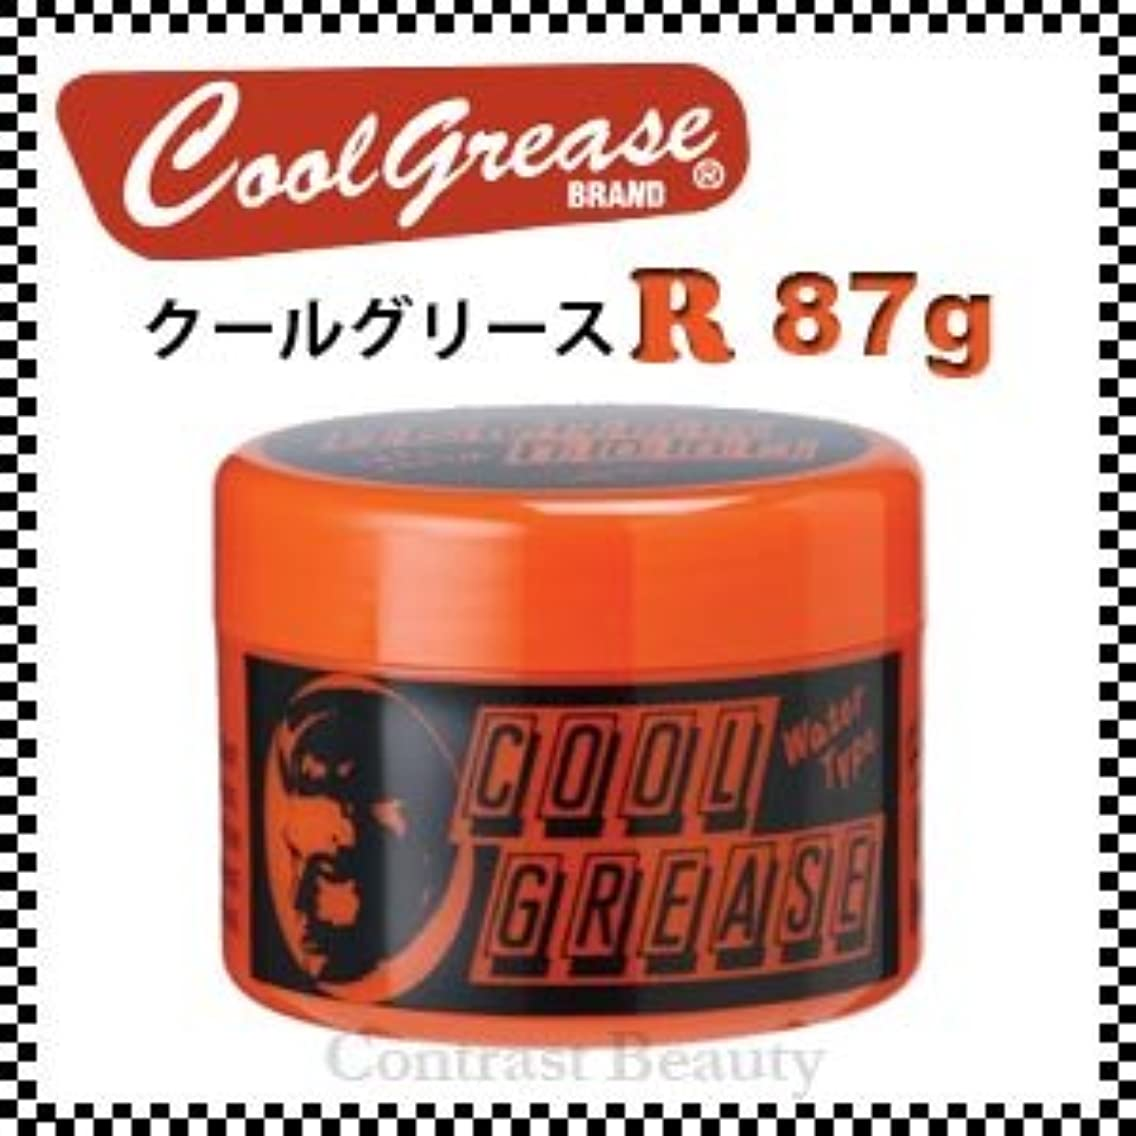 紀元前ニッケルワイド【X5個セット】 阪本高生堂 クールグリース R 87g